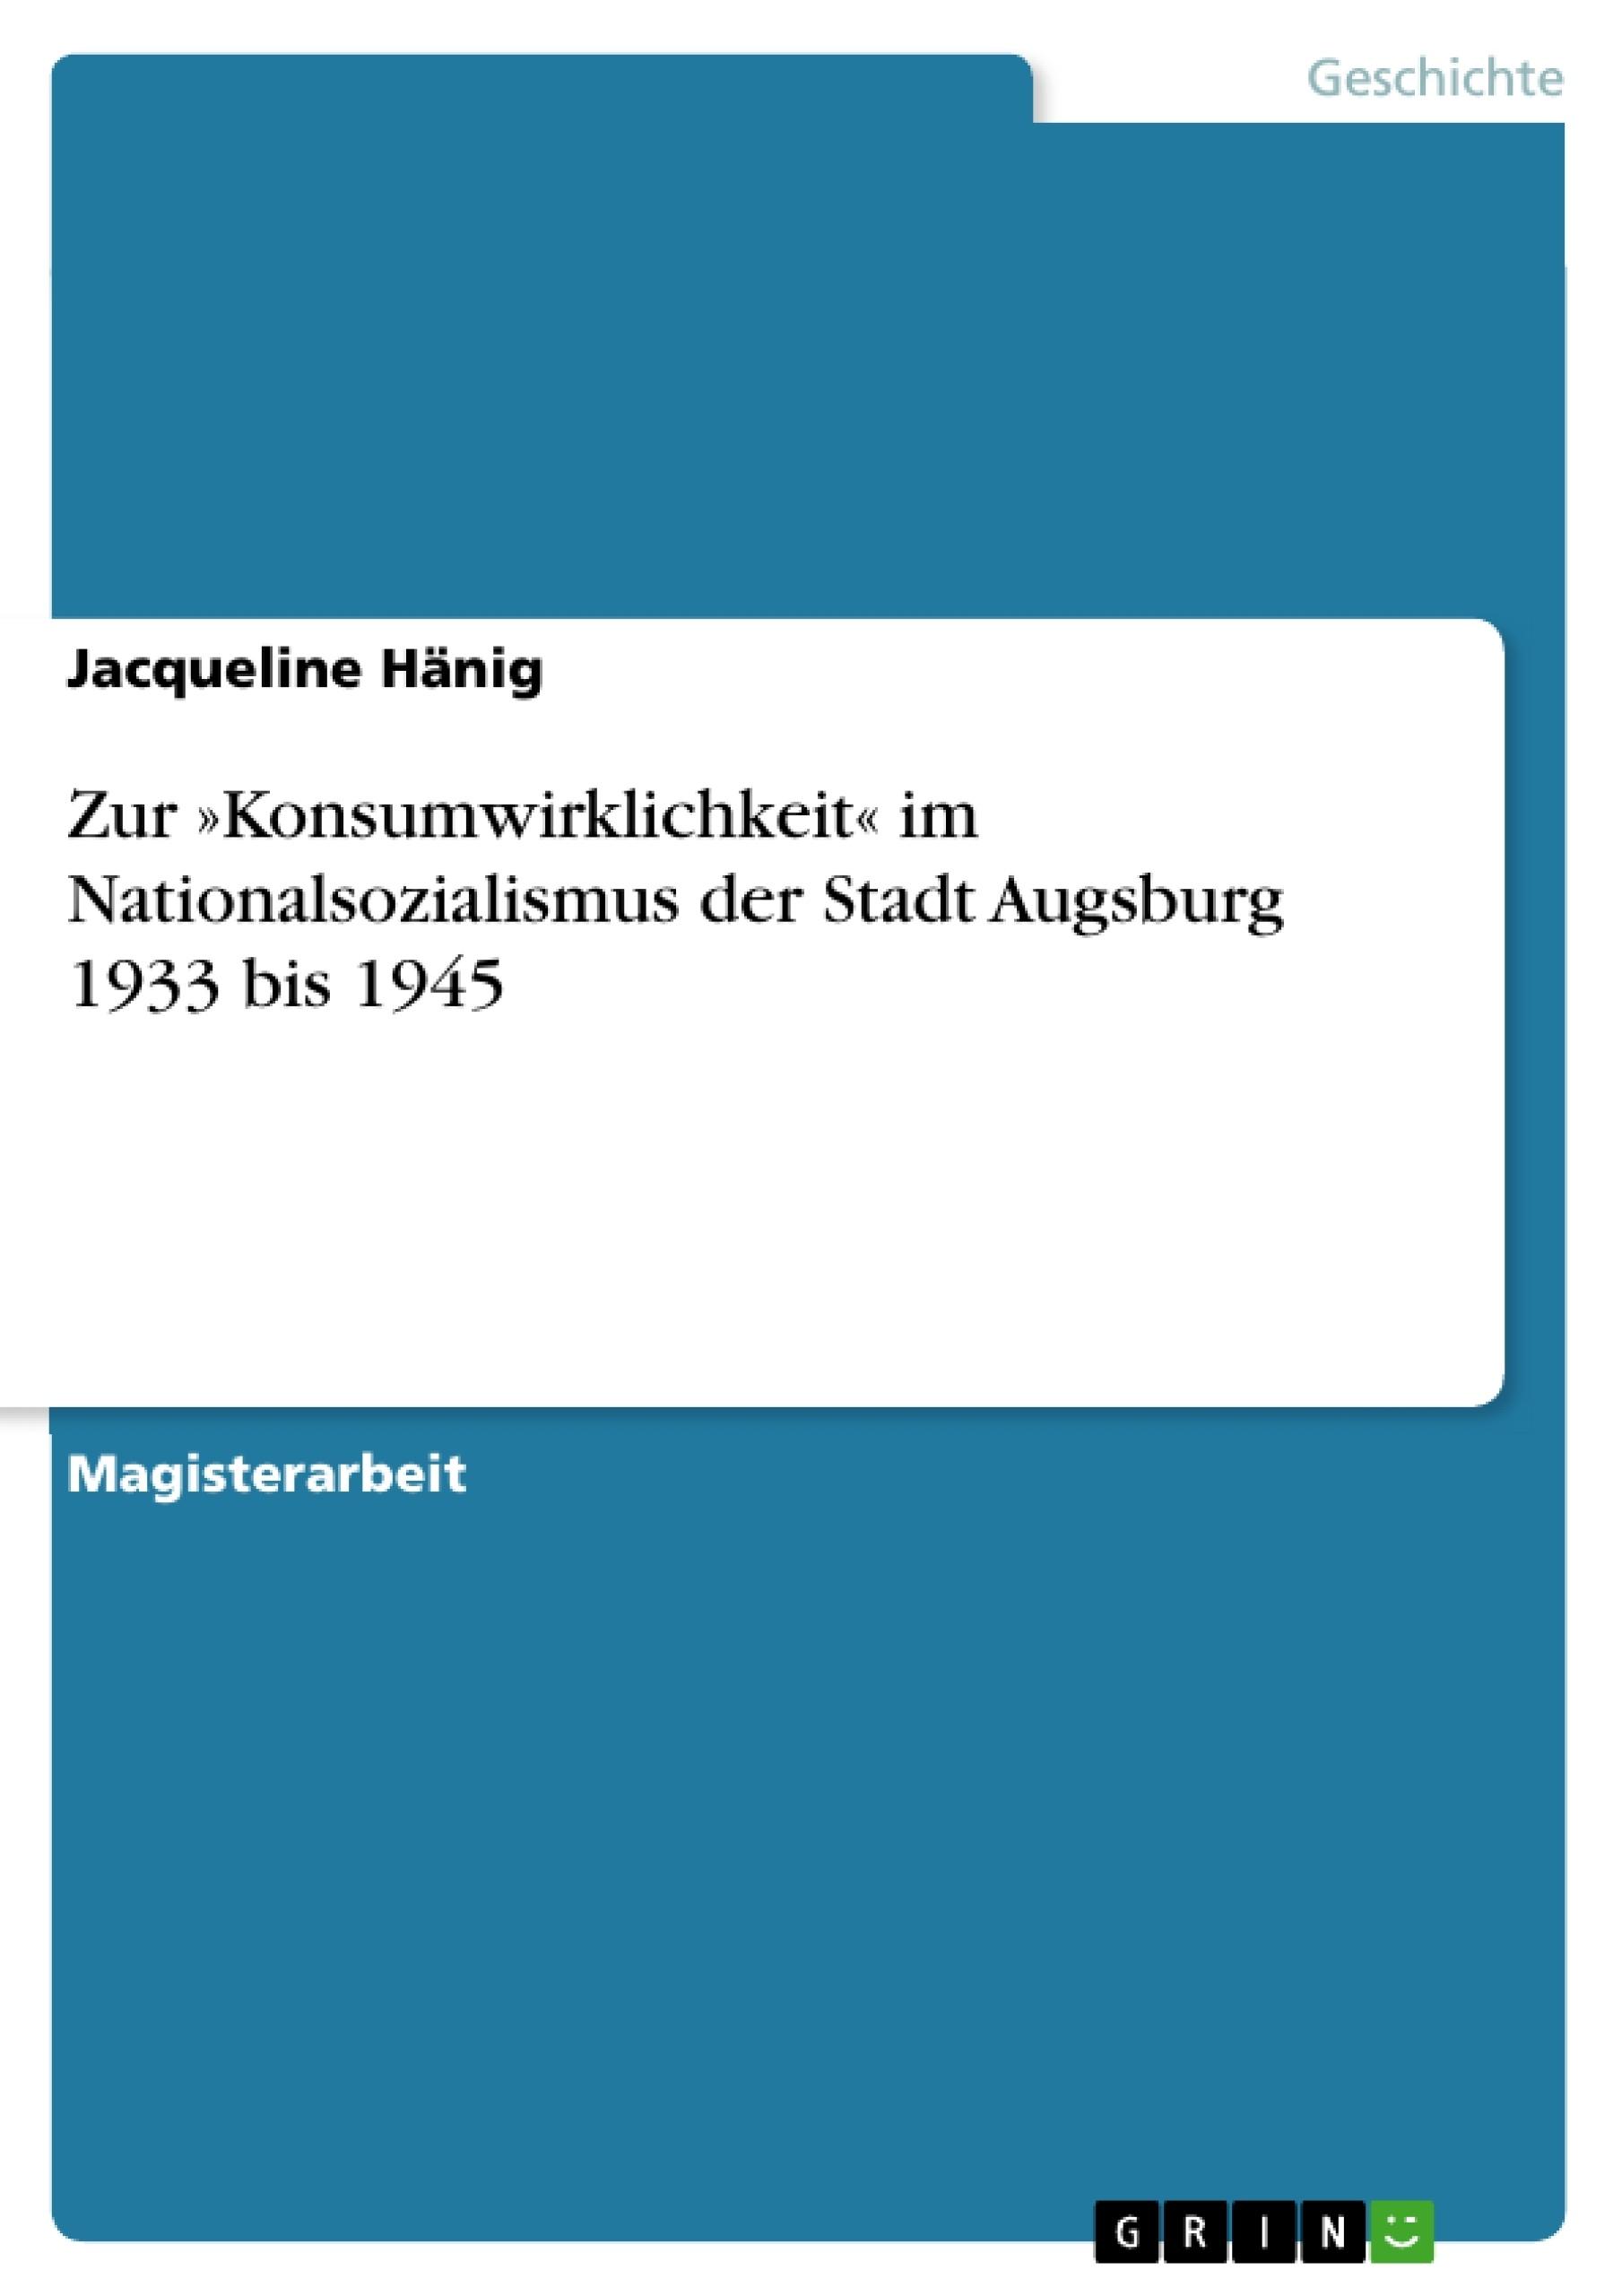 Titel: Zur »Konsumwirklichkeit« im Nationalsozialismus der Stadt Augsburg 1933 bis 1945